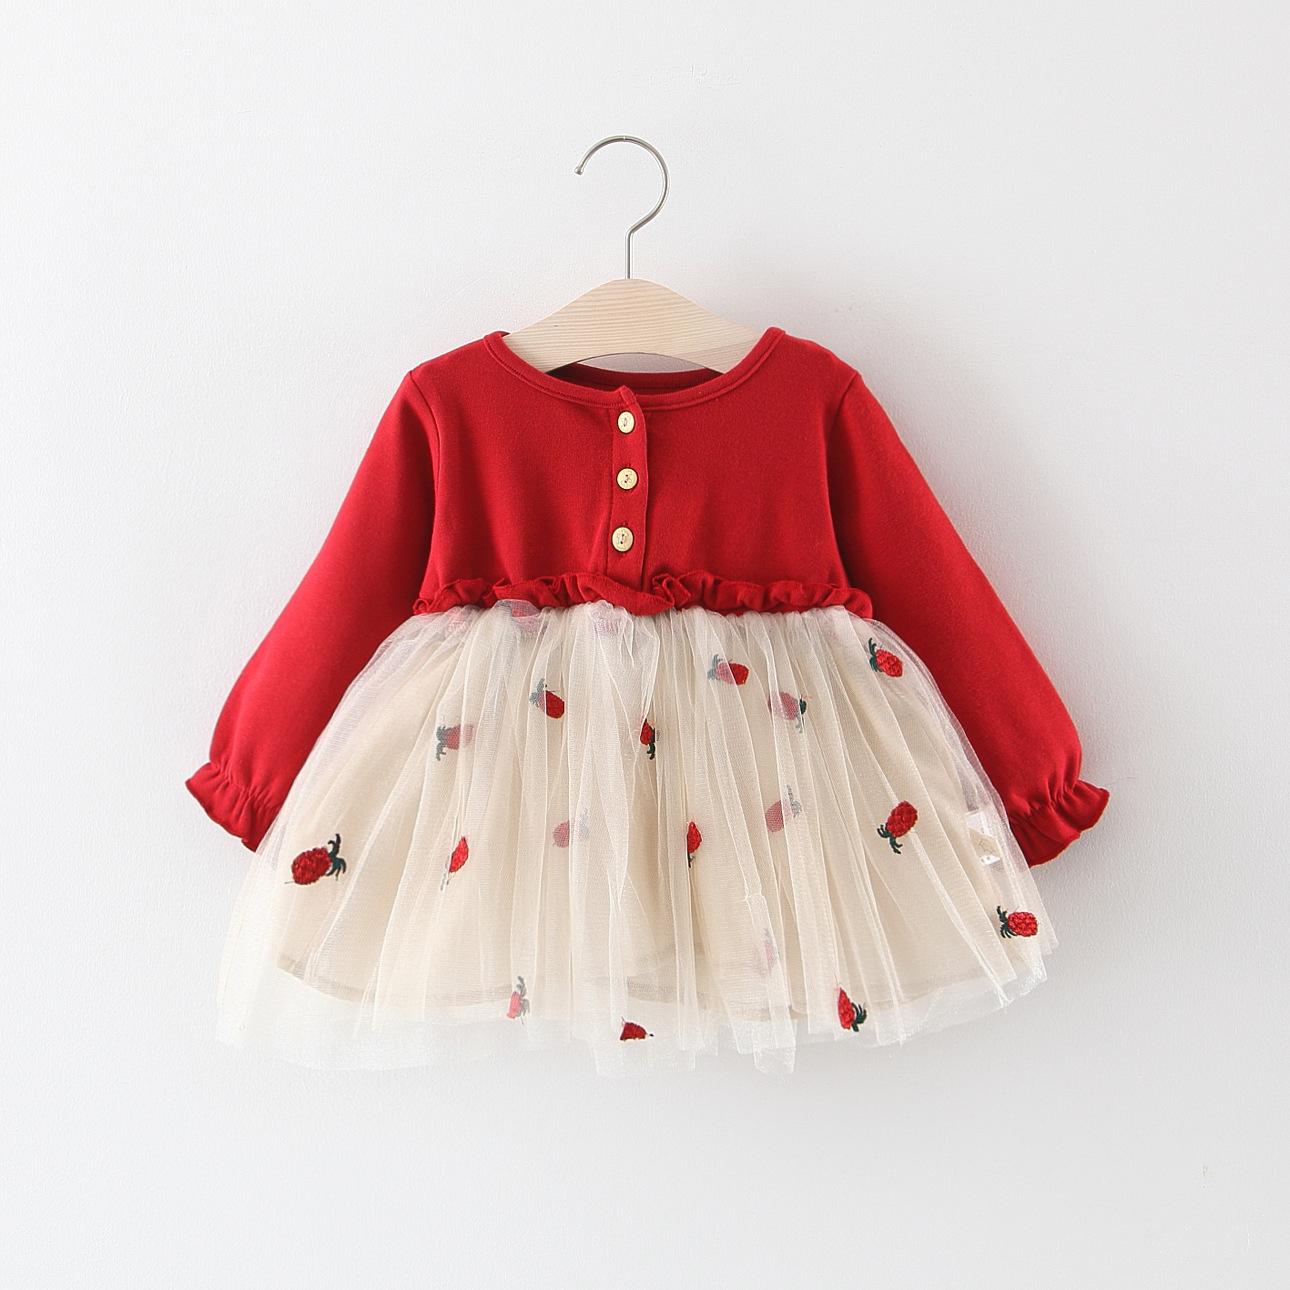 2f163509f79c Kids Children Girl Summer Mesh Long Sleeves Princess Skirt Dress